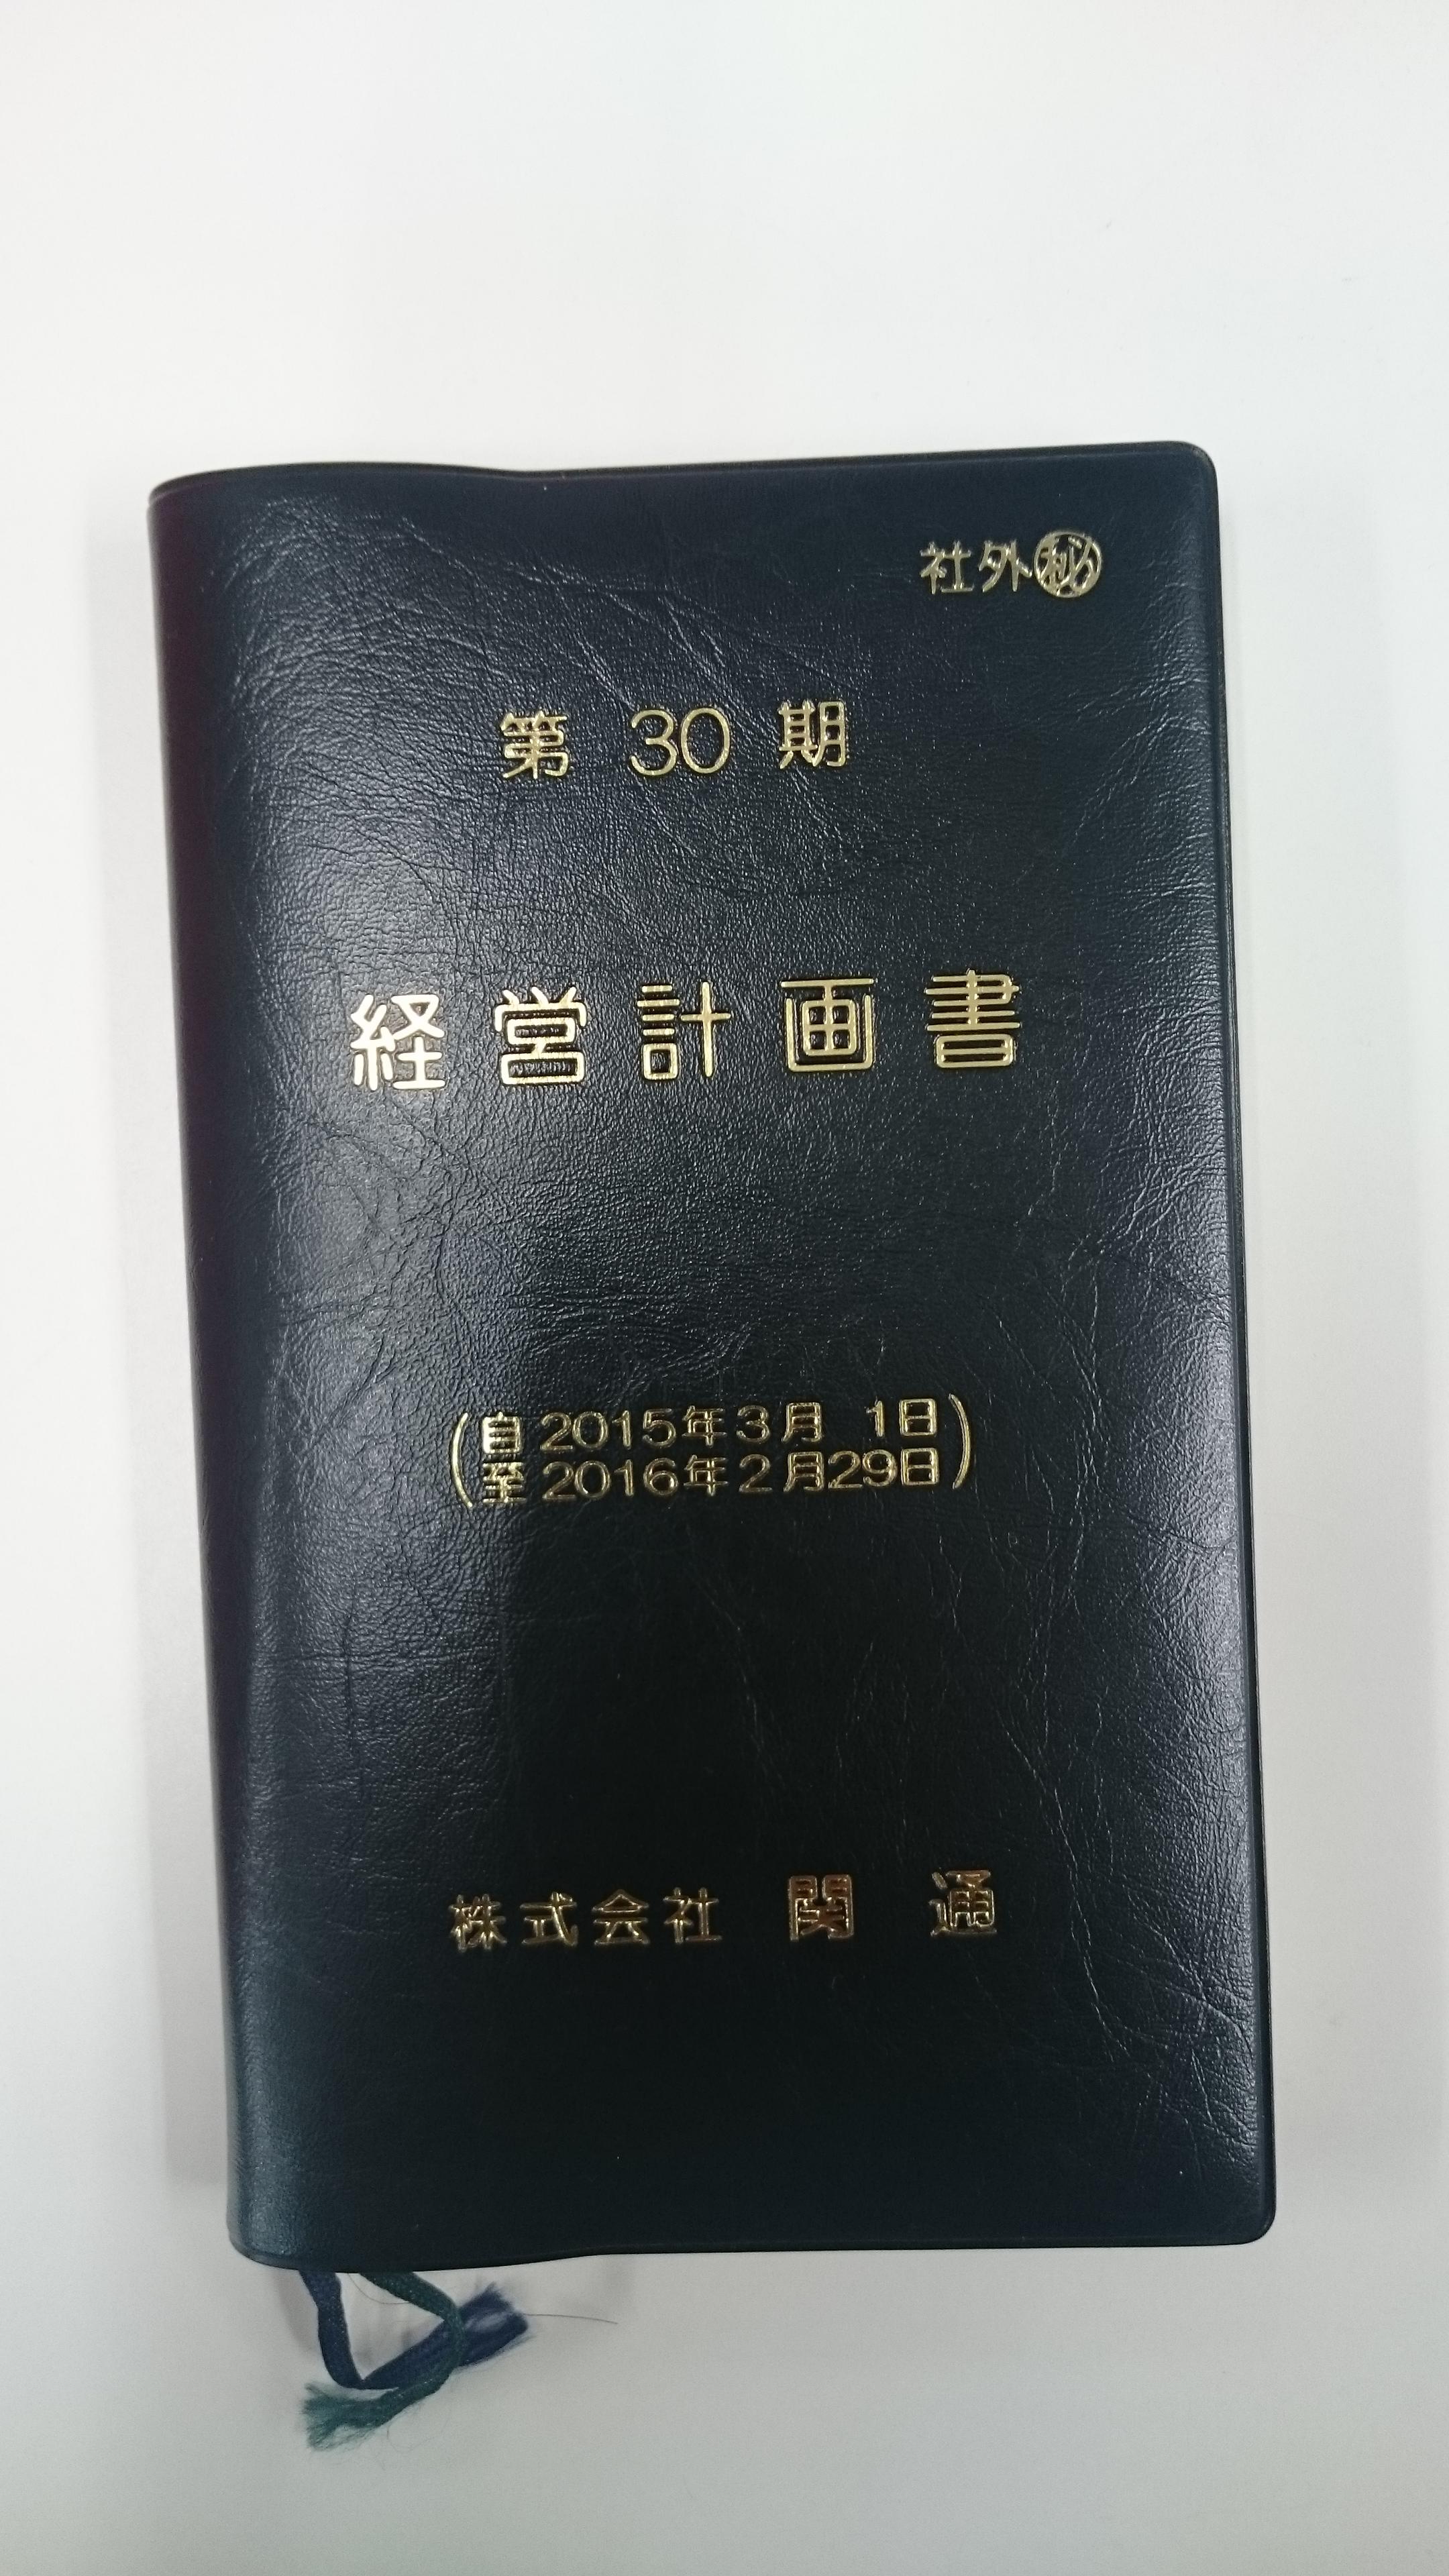 DSC_0230 (2)